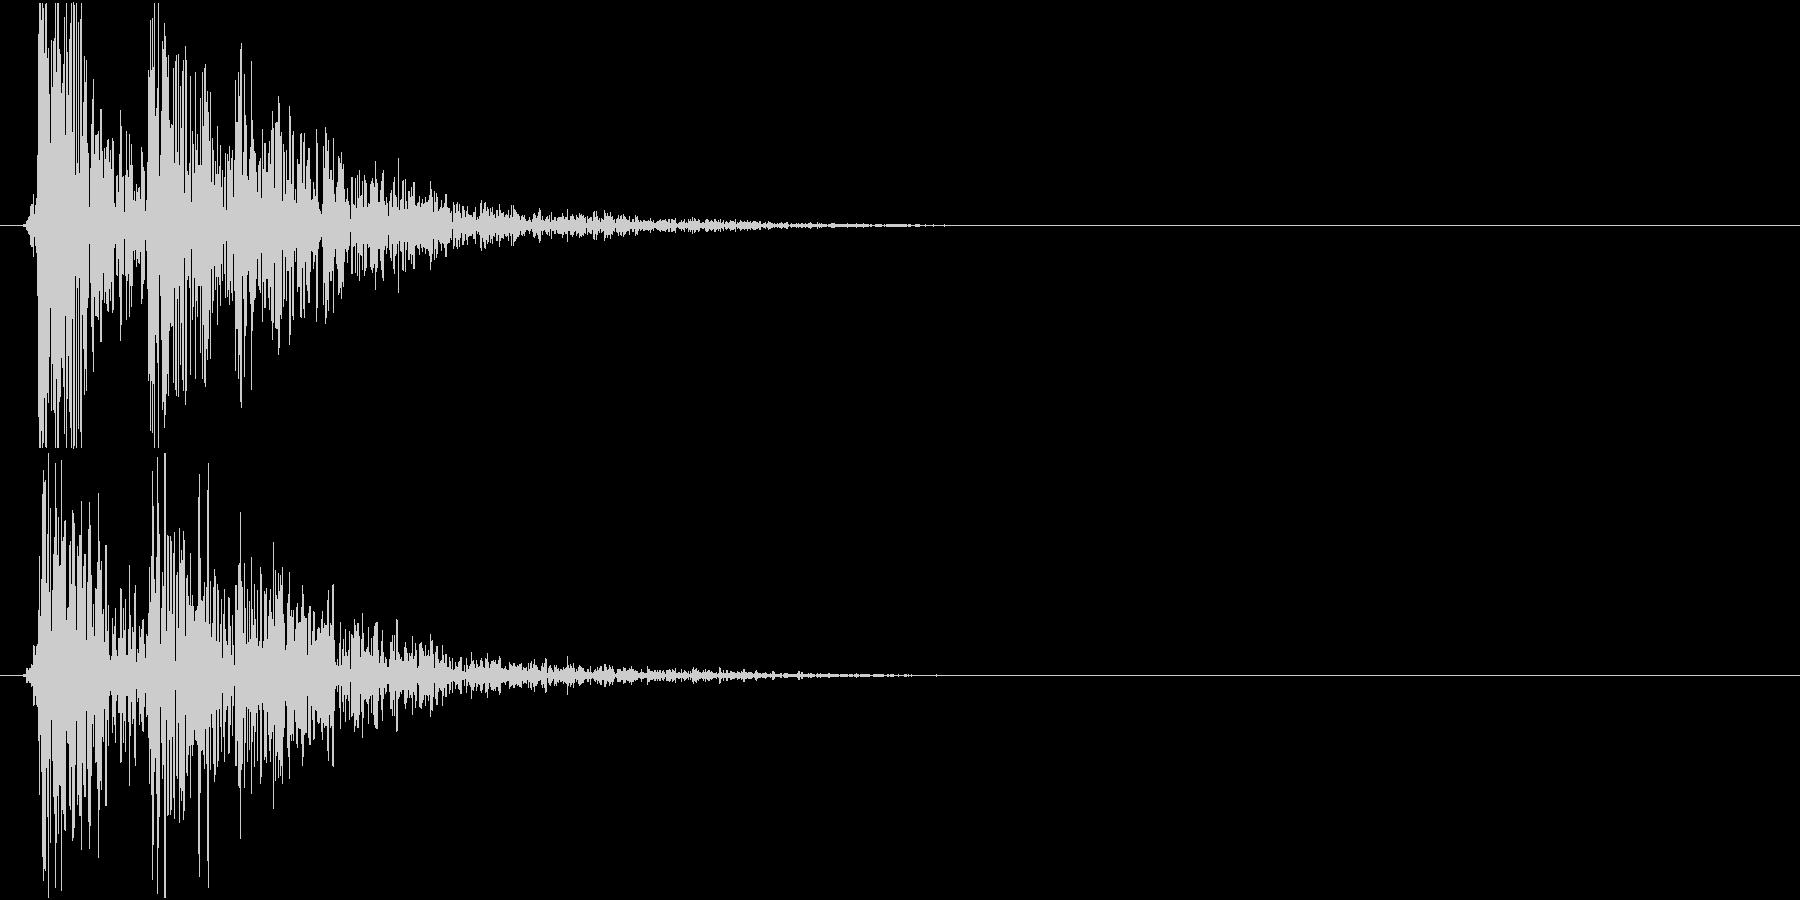 コンコロコロン・・・(物を落とした音)の未再生の波形